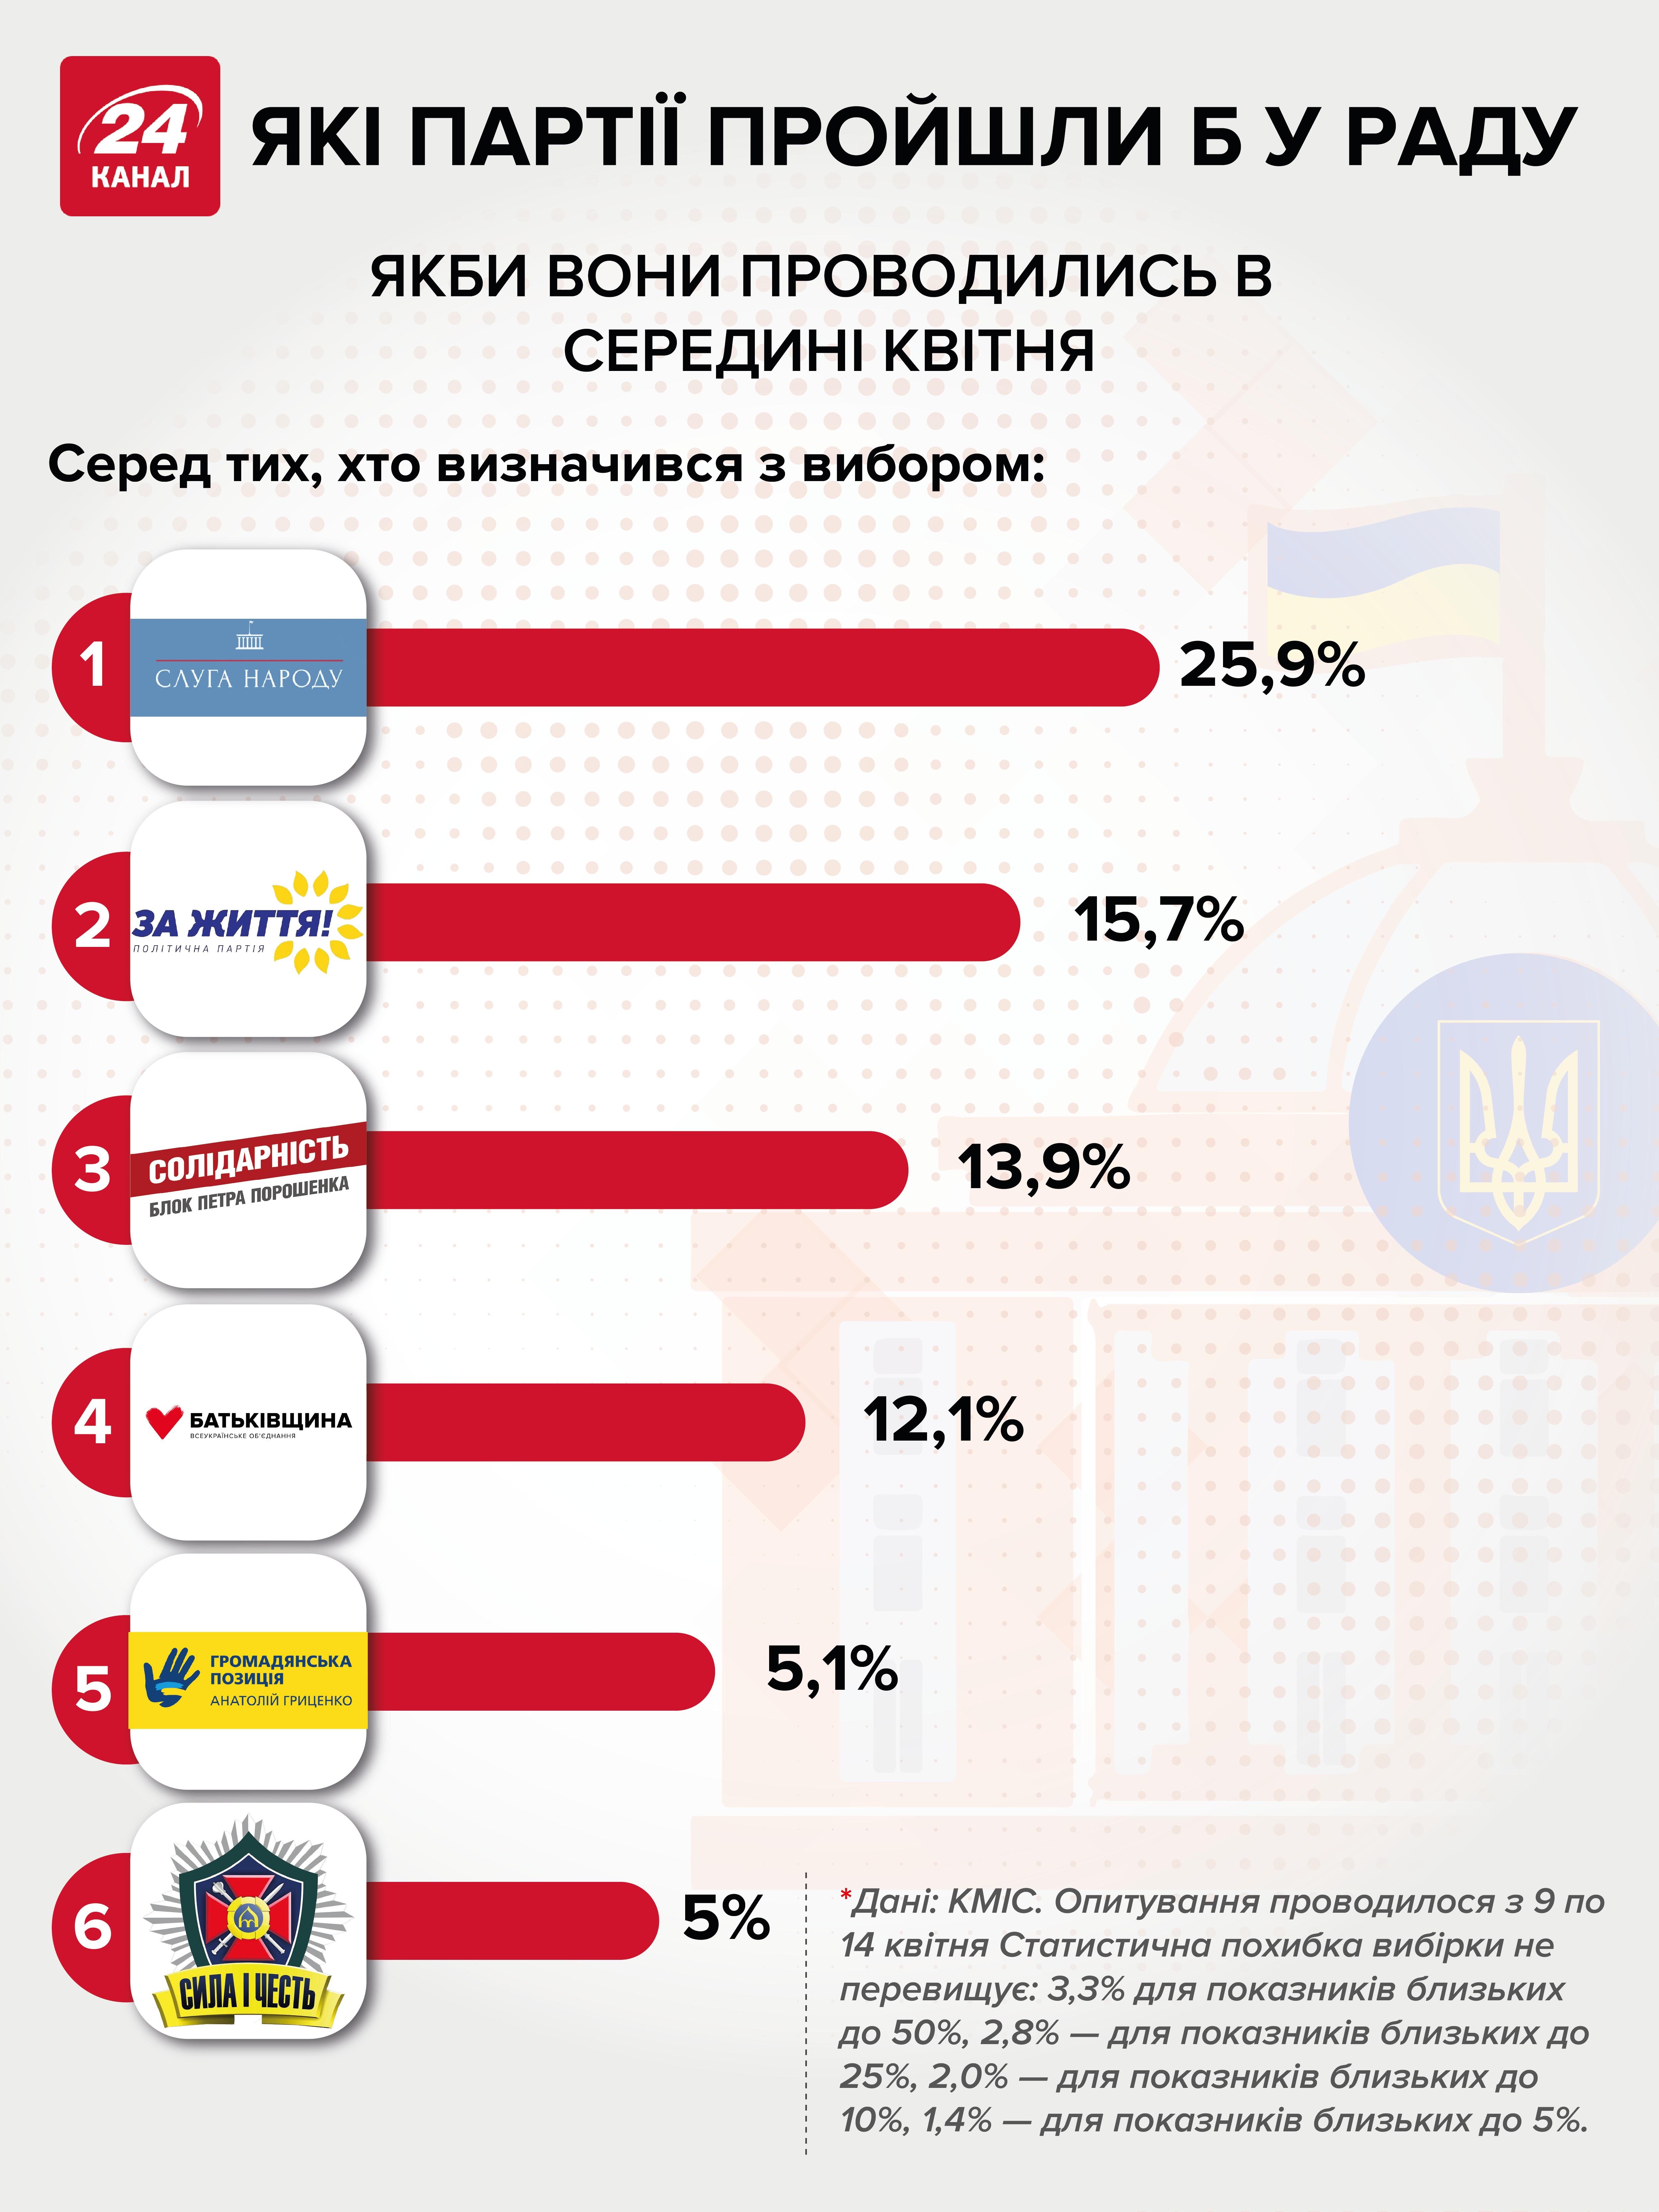 Які шанси у партій пройти у Верховну Раду – інфографіка